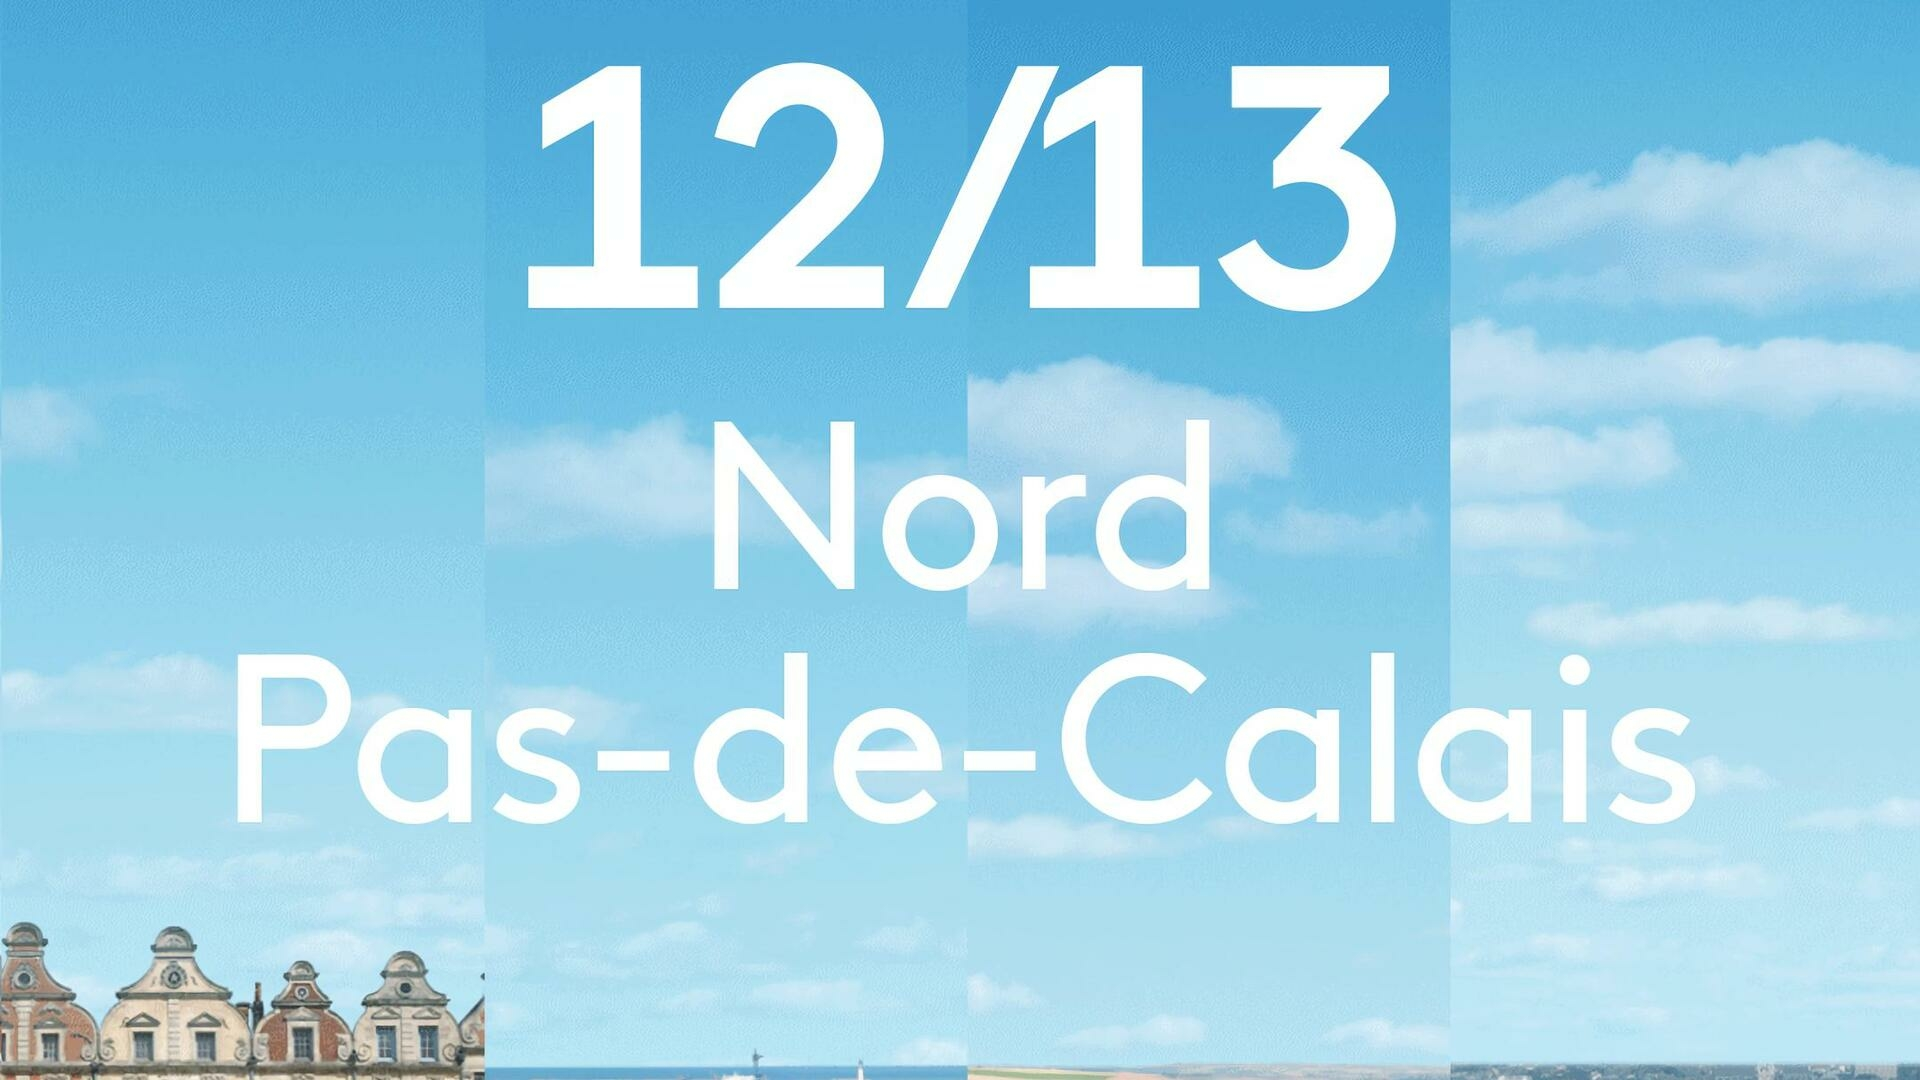 12/13 Nord Pas-de-Calais